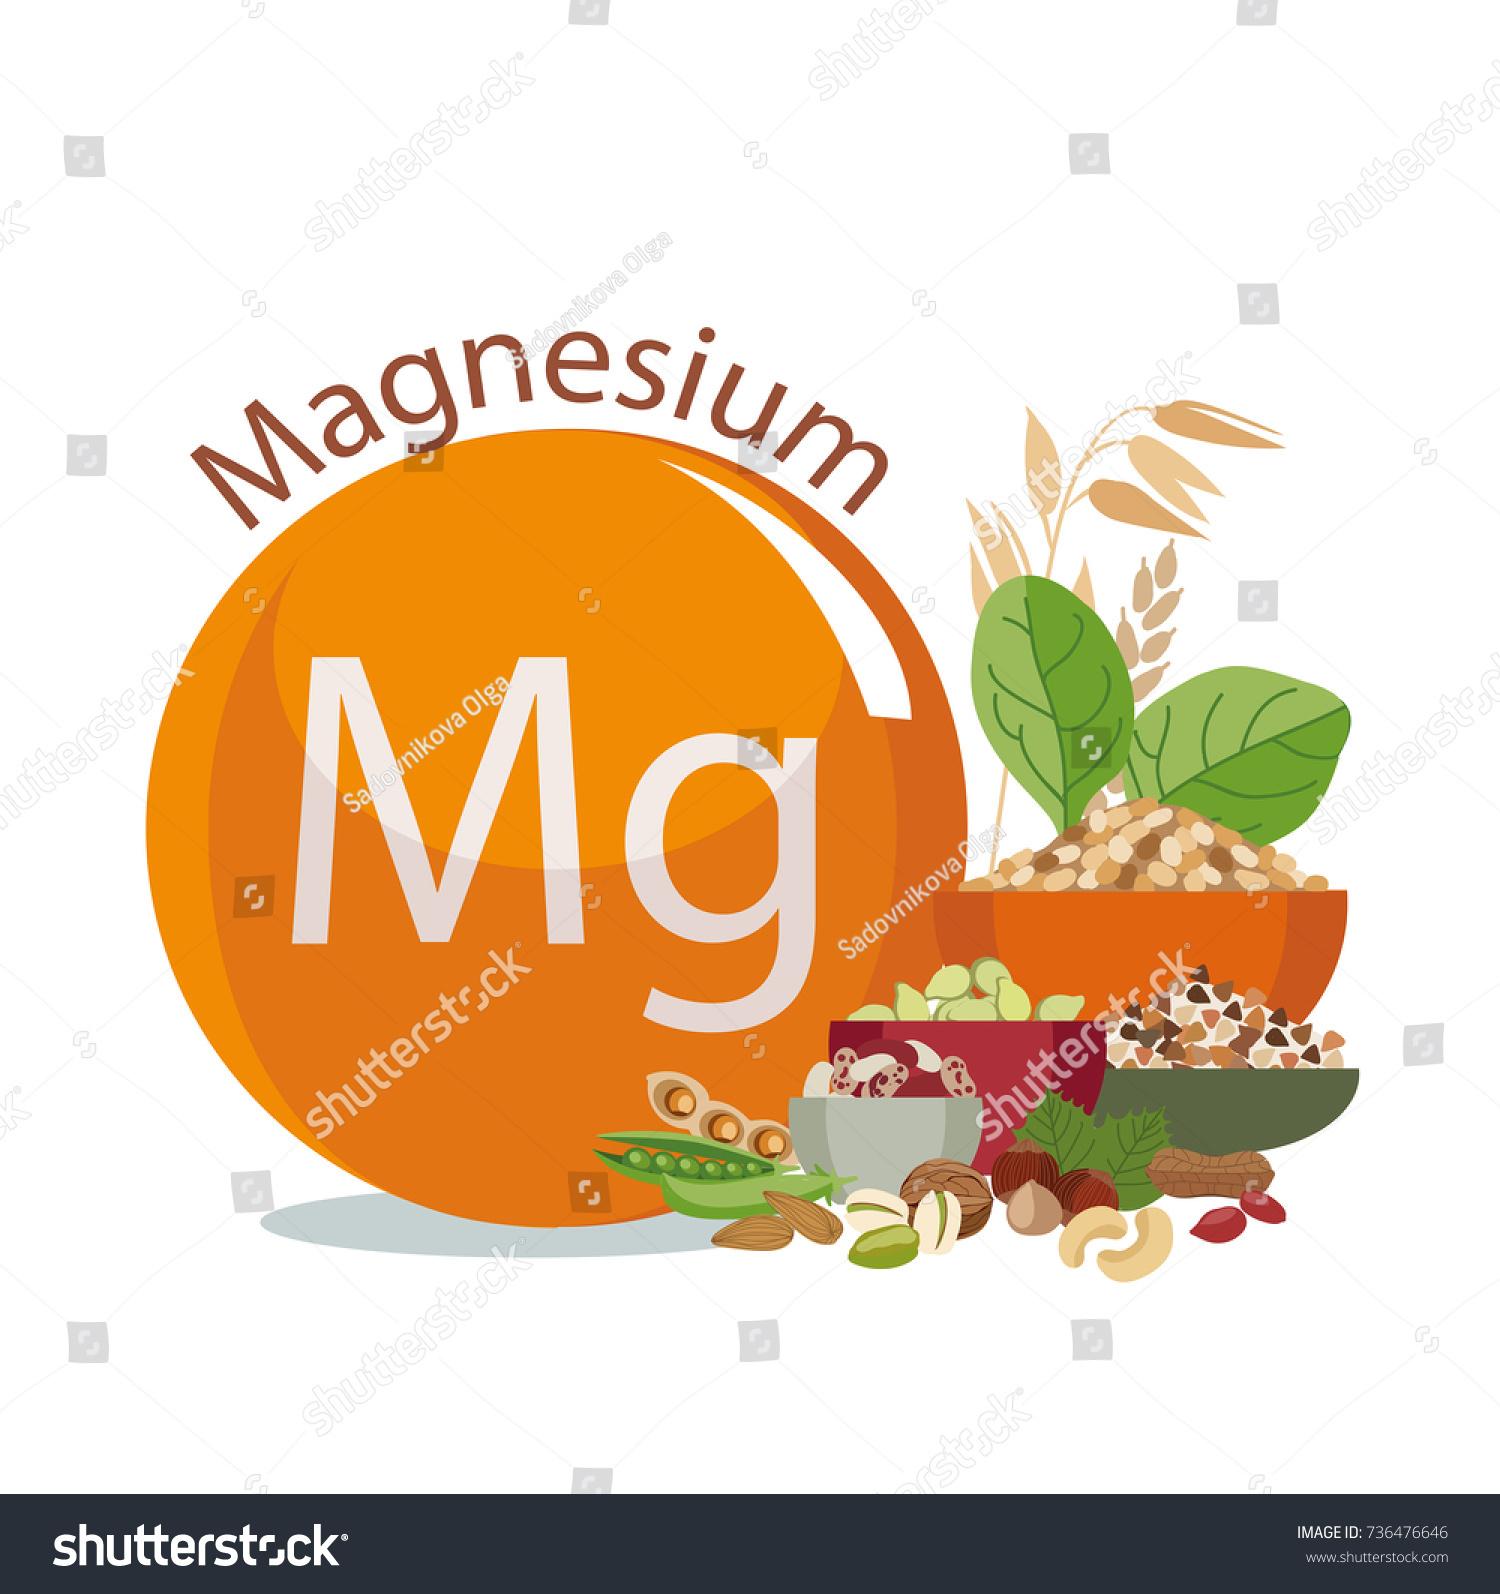 In welchen lebensmitteln ist magnesium